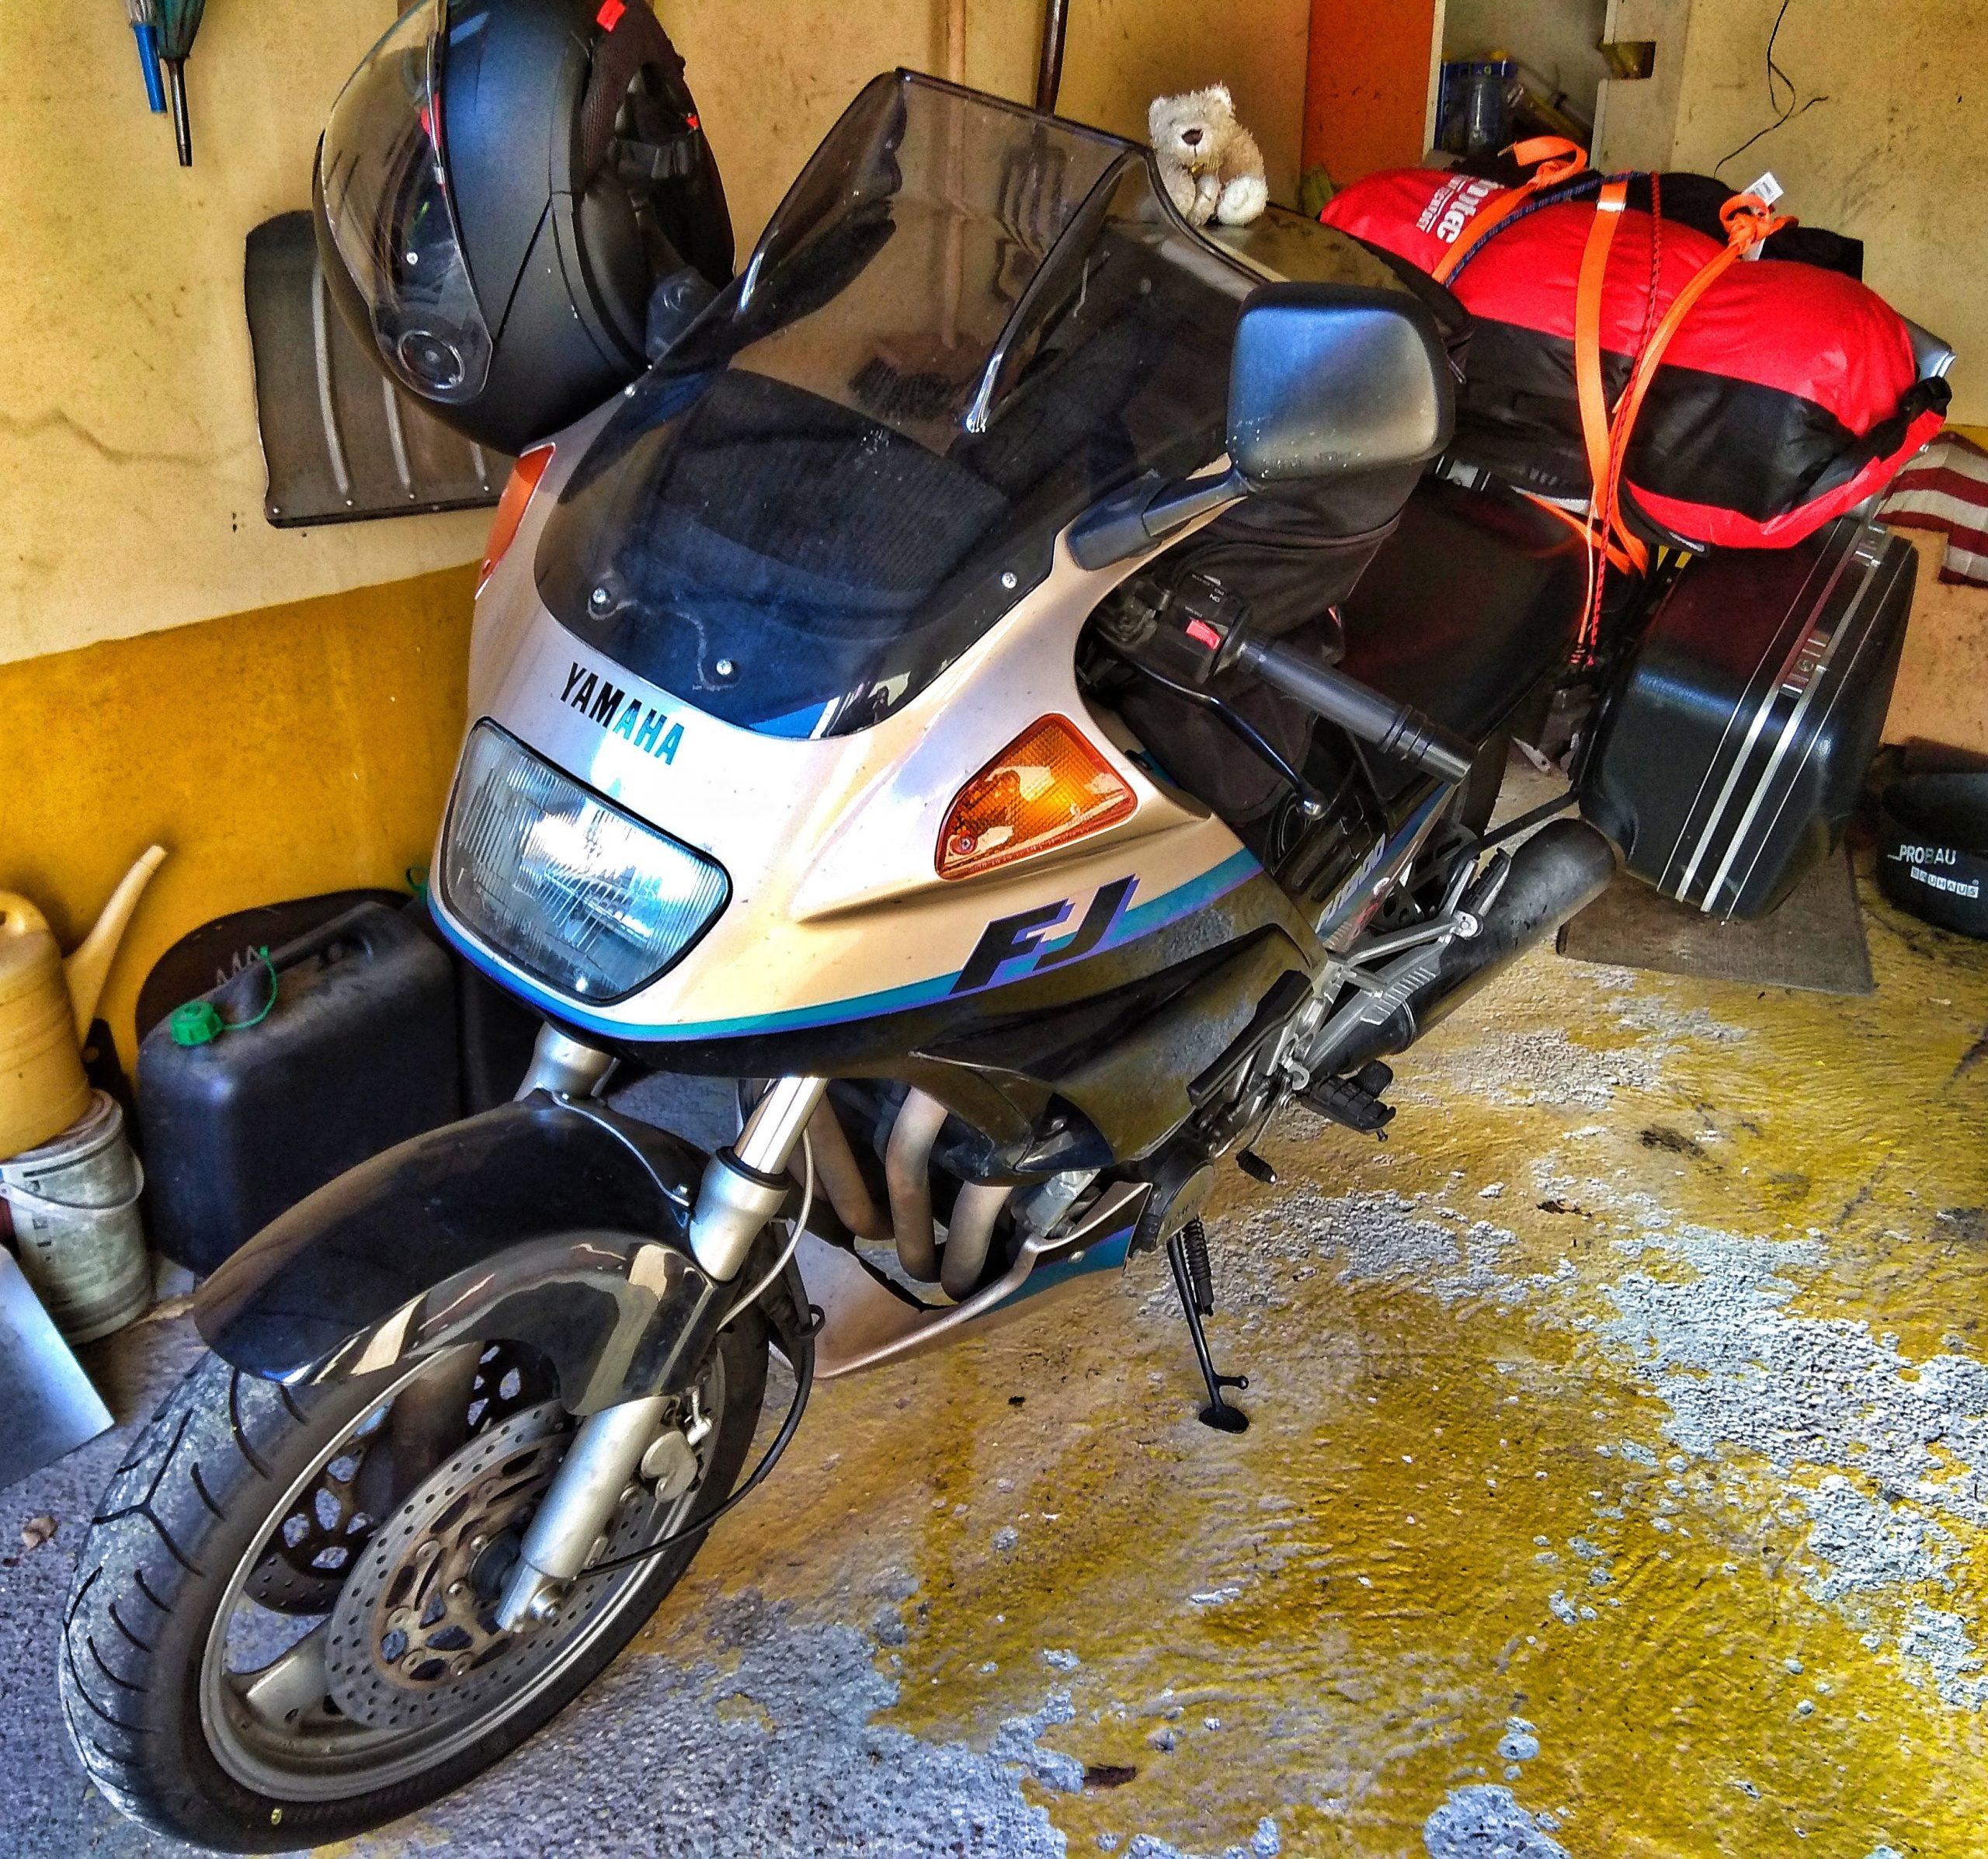 Motorrad mit Gepäck und kleinem Stoffbären